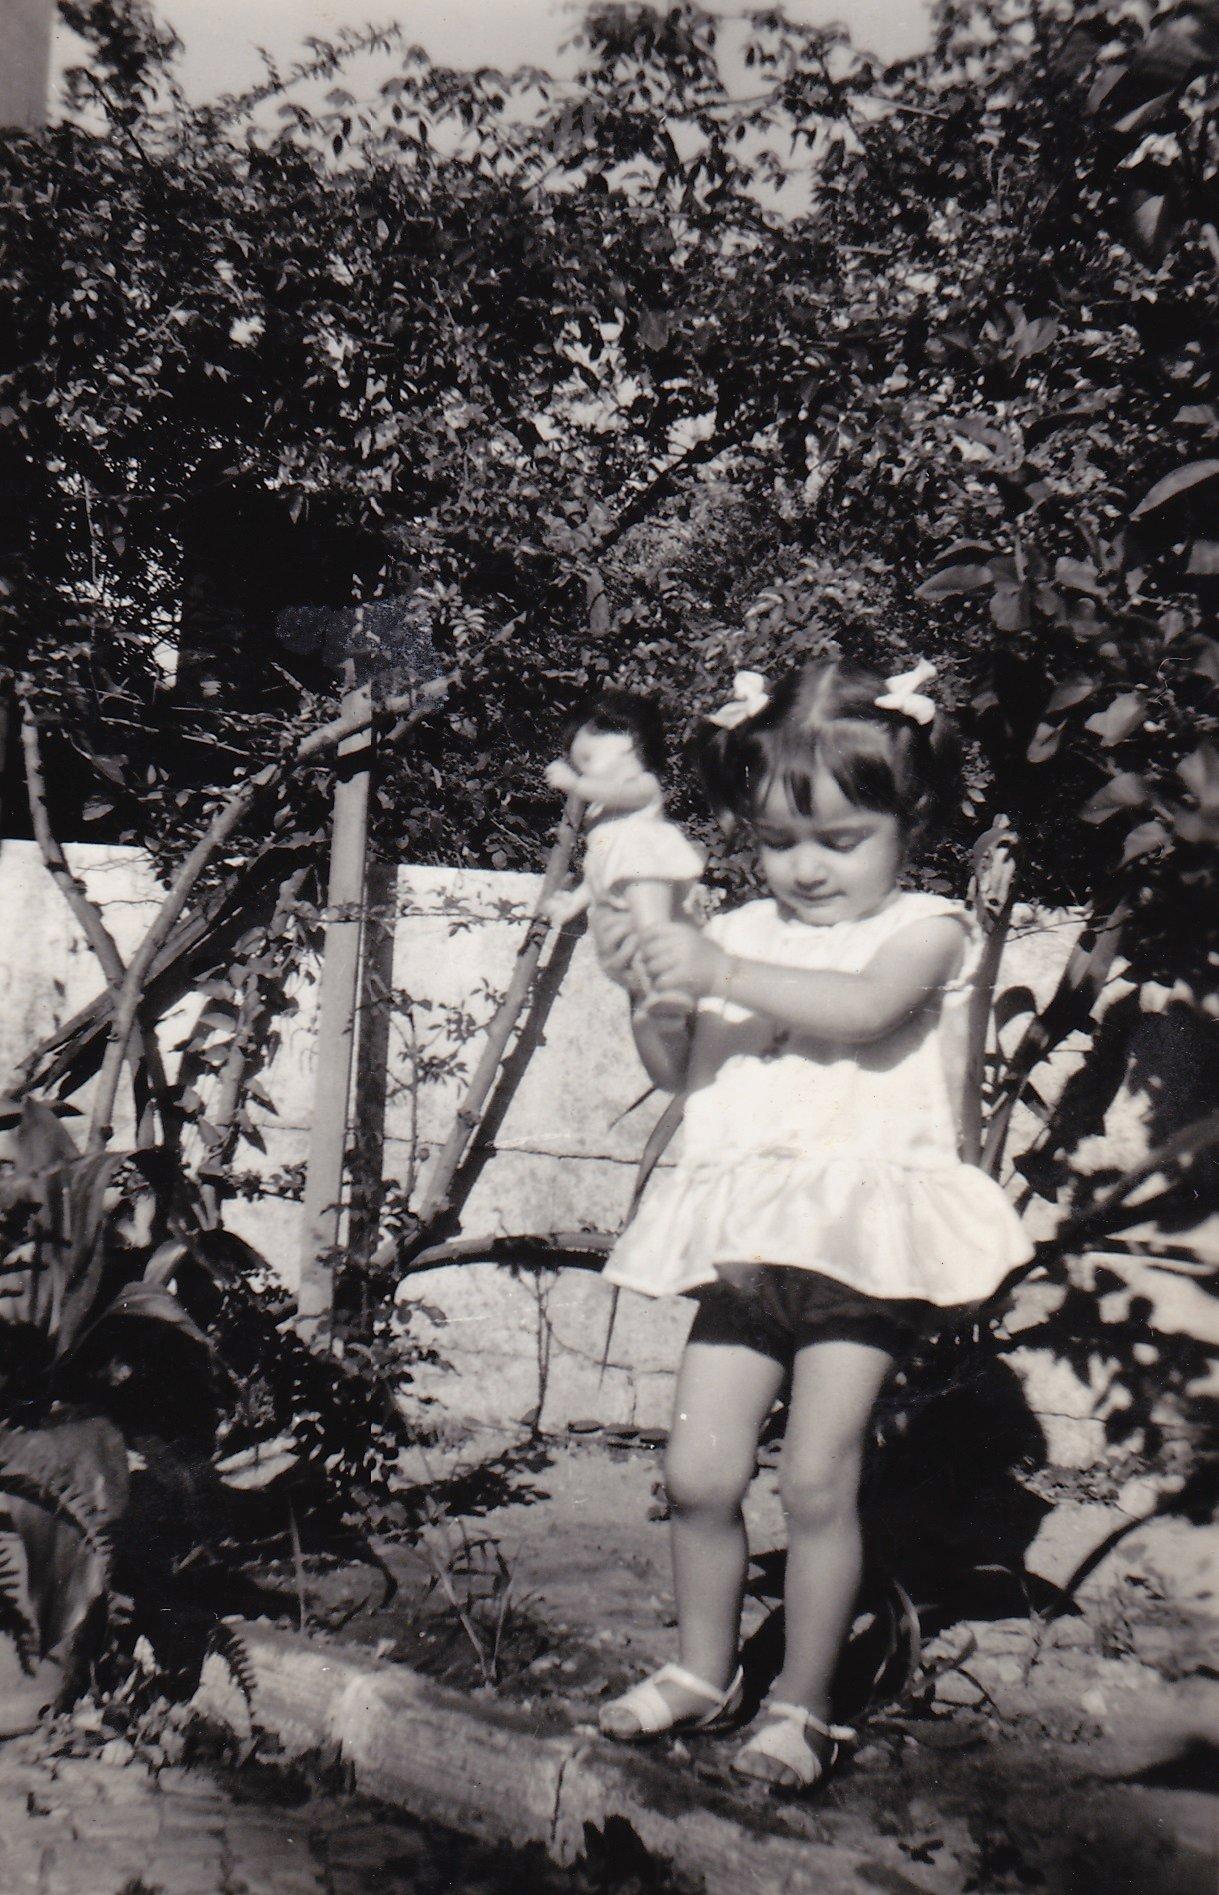 Quando era pequena, brincava muito com bonecas